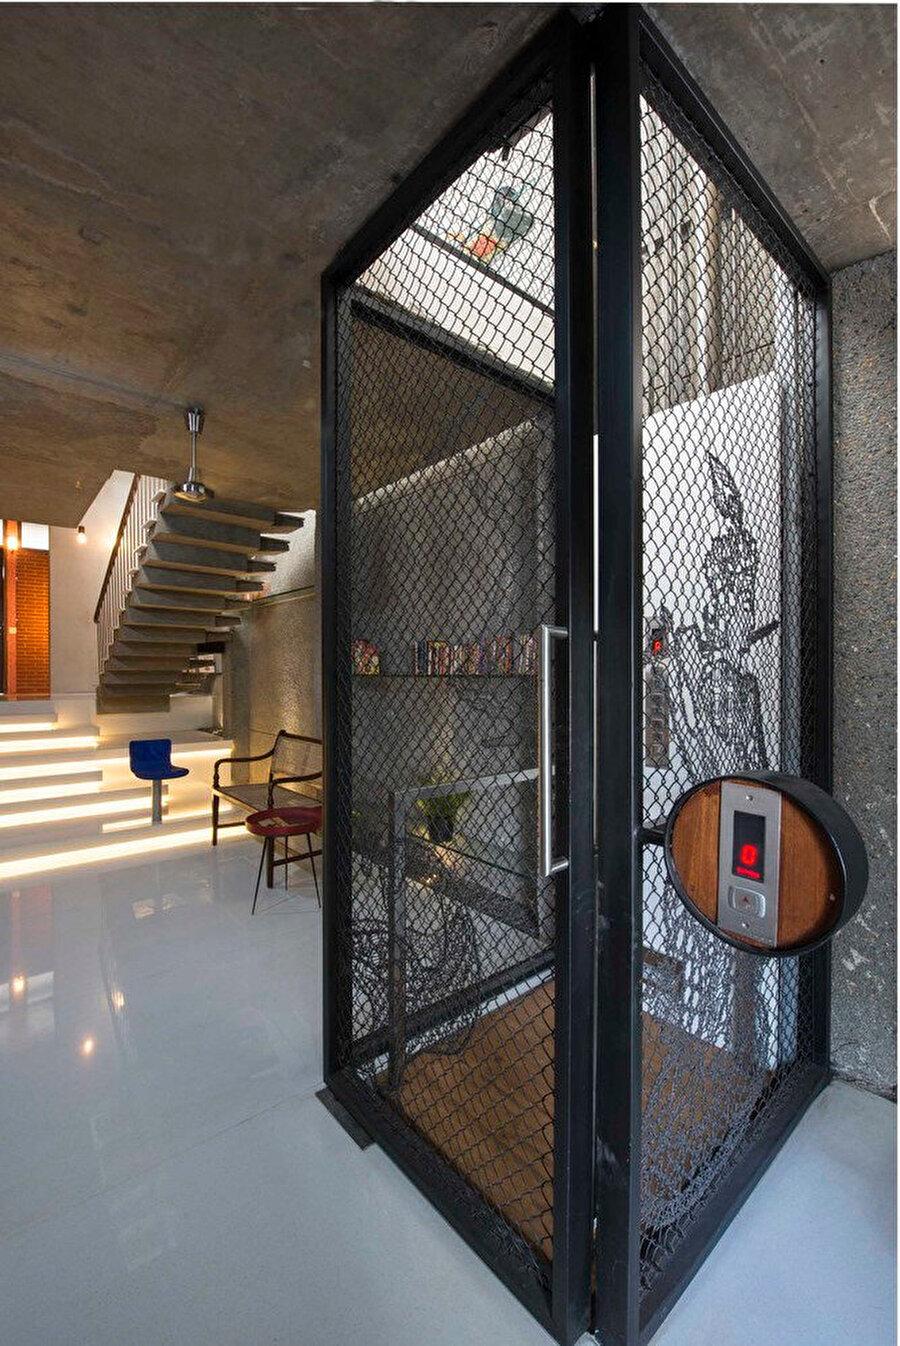 Yapıya, demir tellerle çevrili bir asansör konumlandırılıyor.